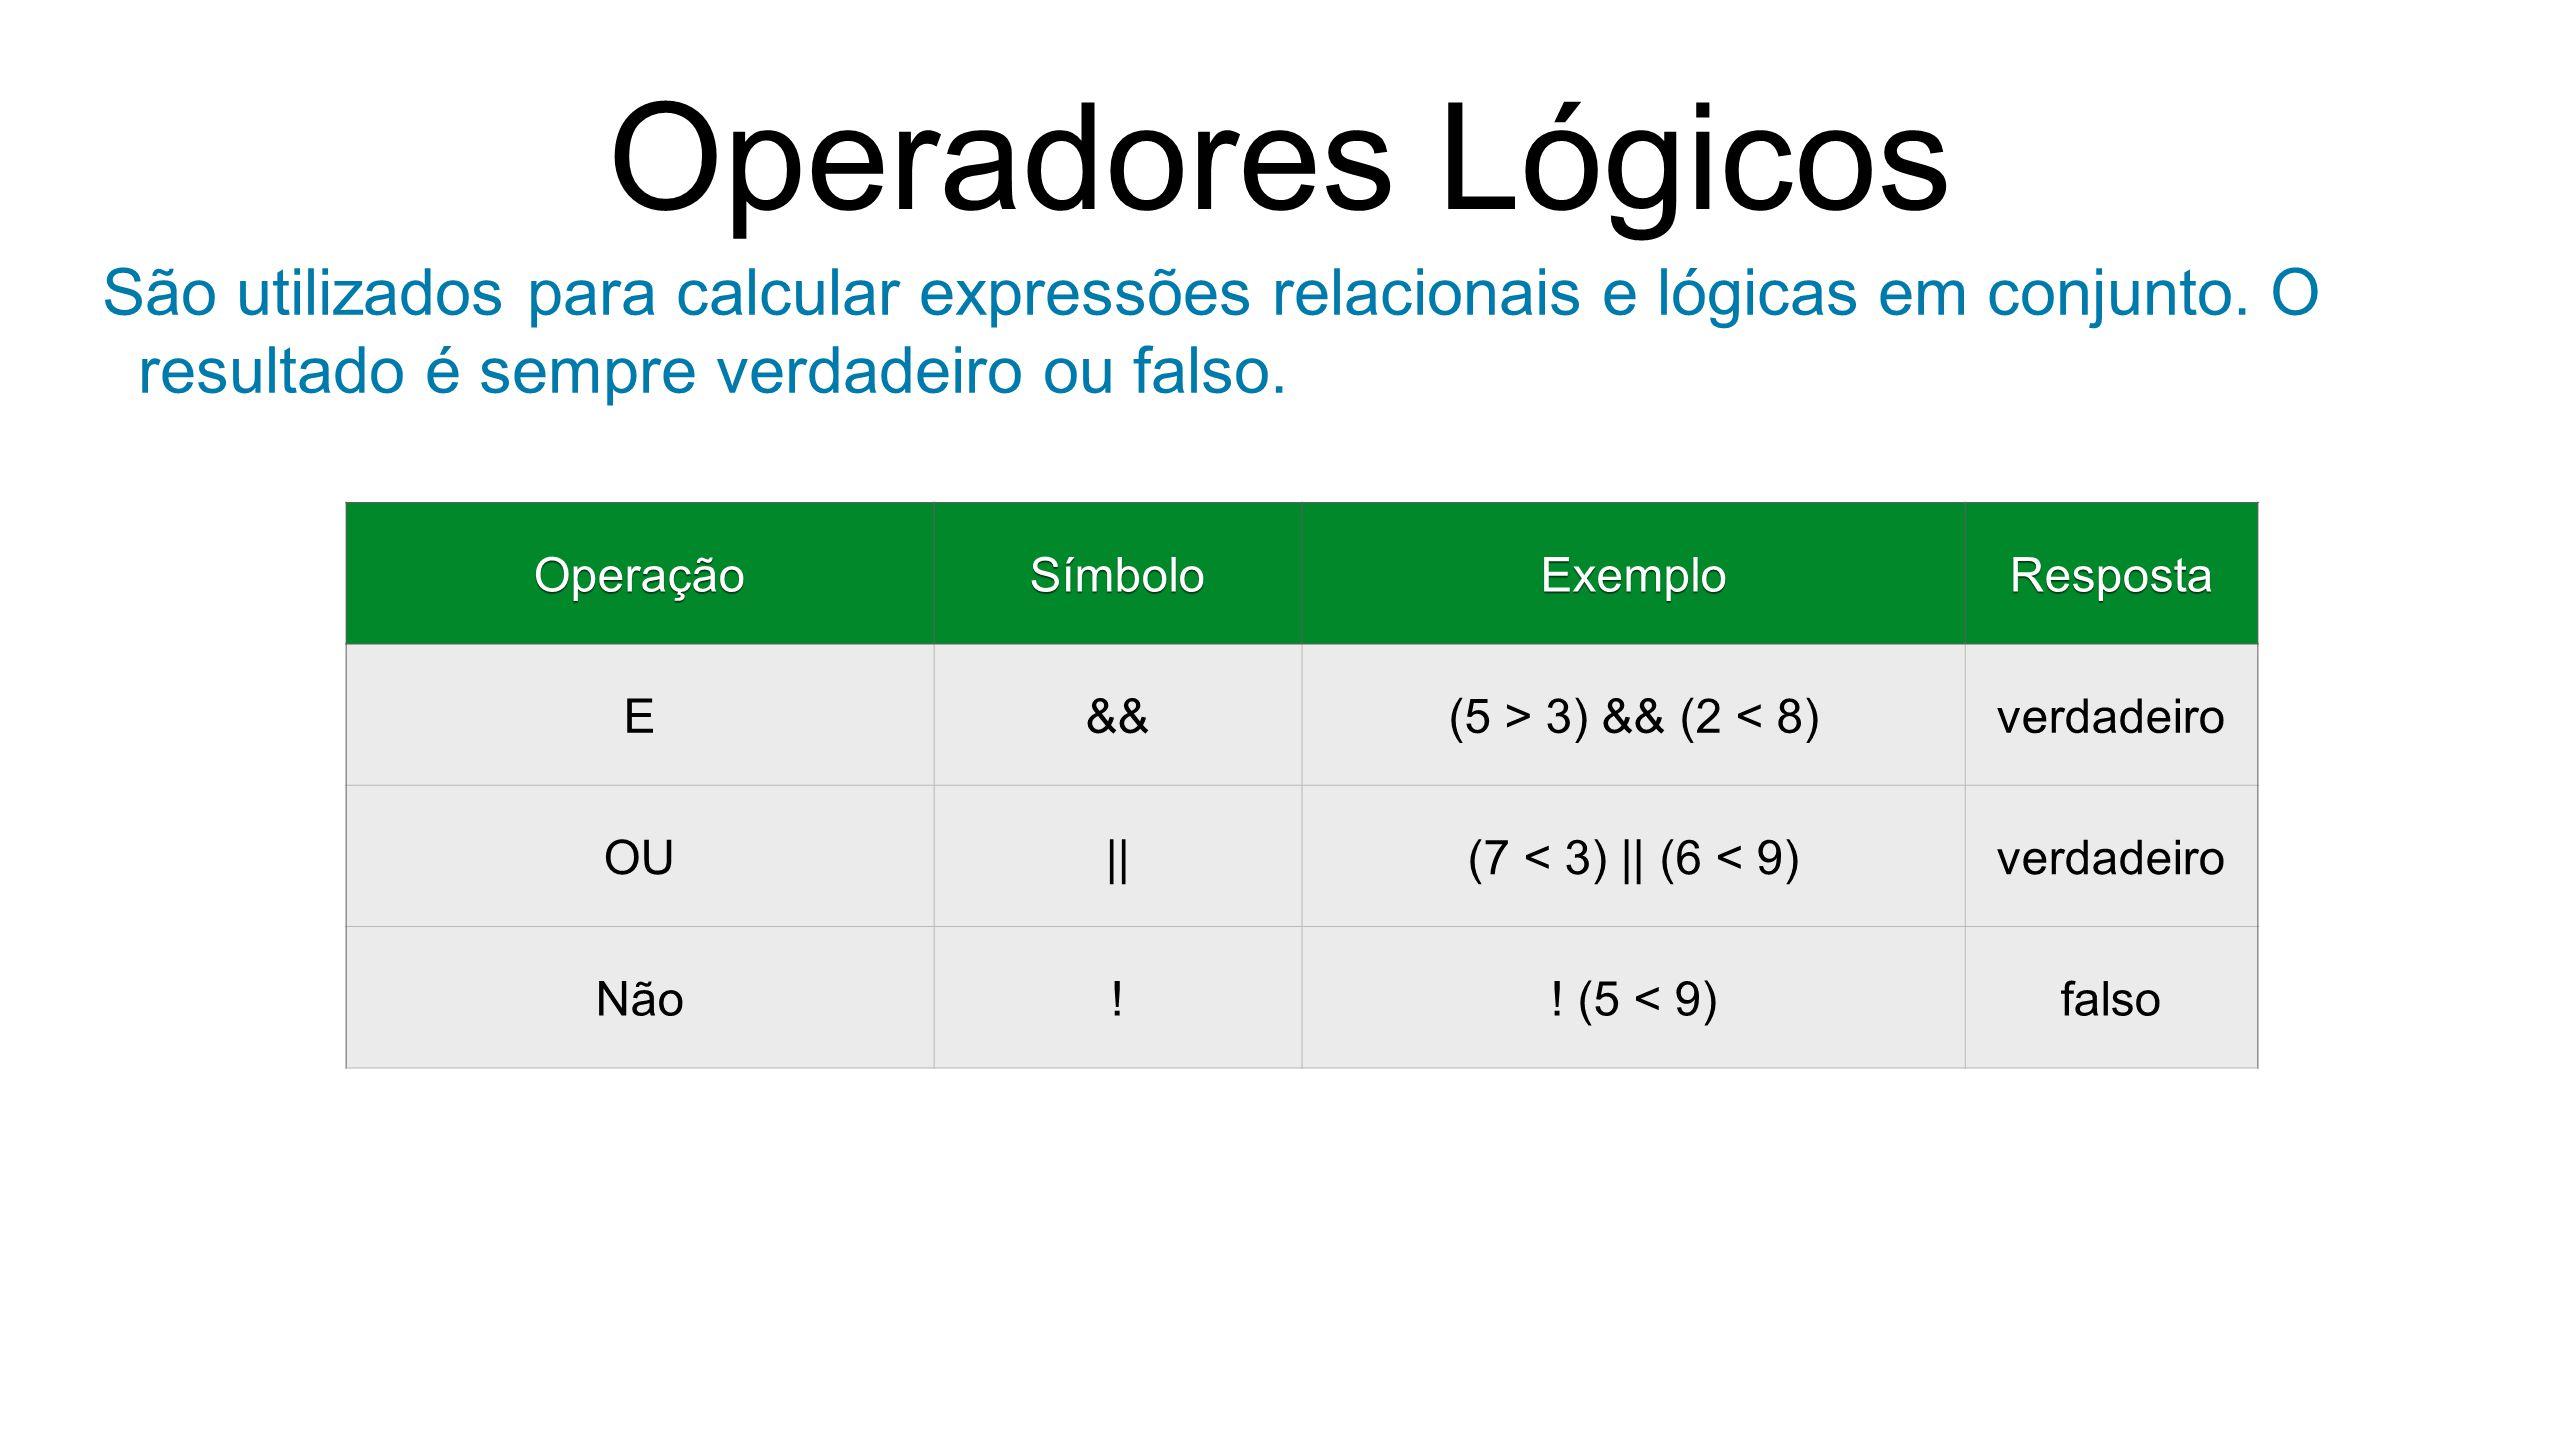 Operadores Lógicos São utilizados para calcular expressões relacionais e lógicas em conjunto.